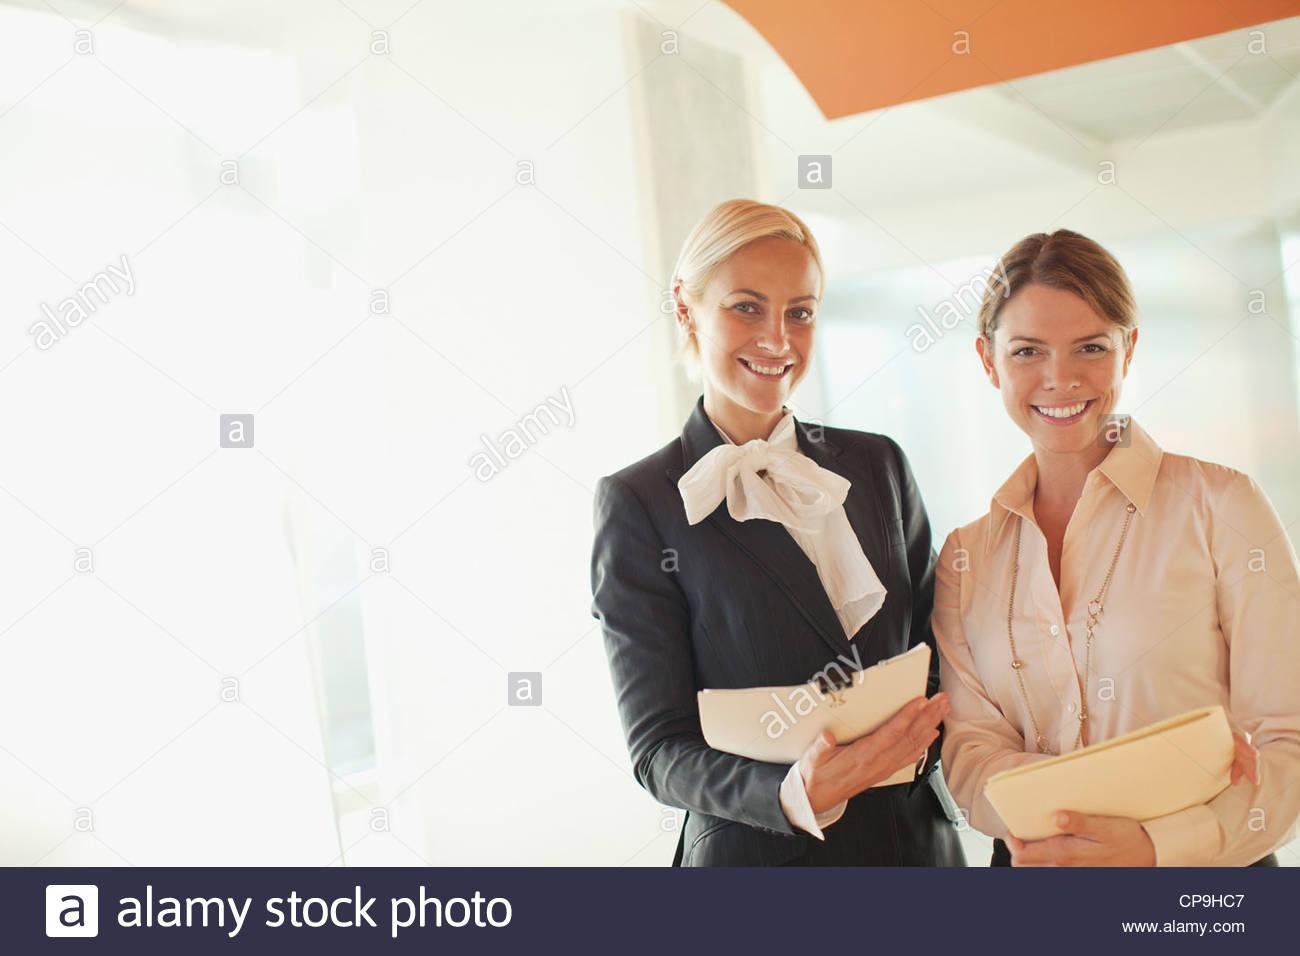 30-34 años,ambición,negocios,traje de negocios,empresaria,California,caucásico,compañero,color Imagen De Stock